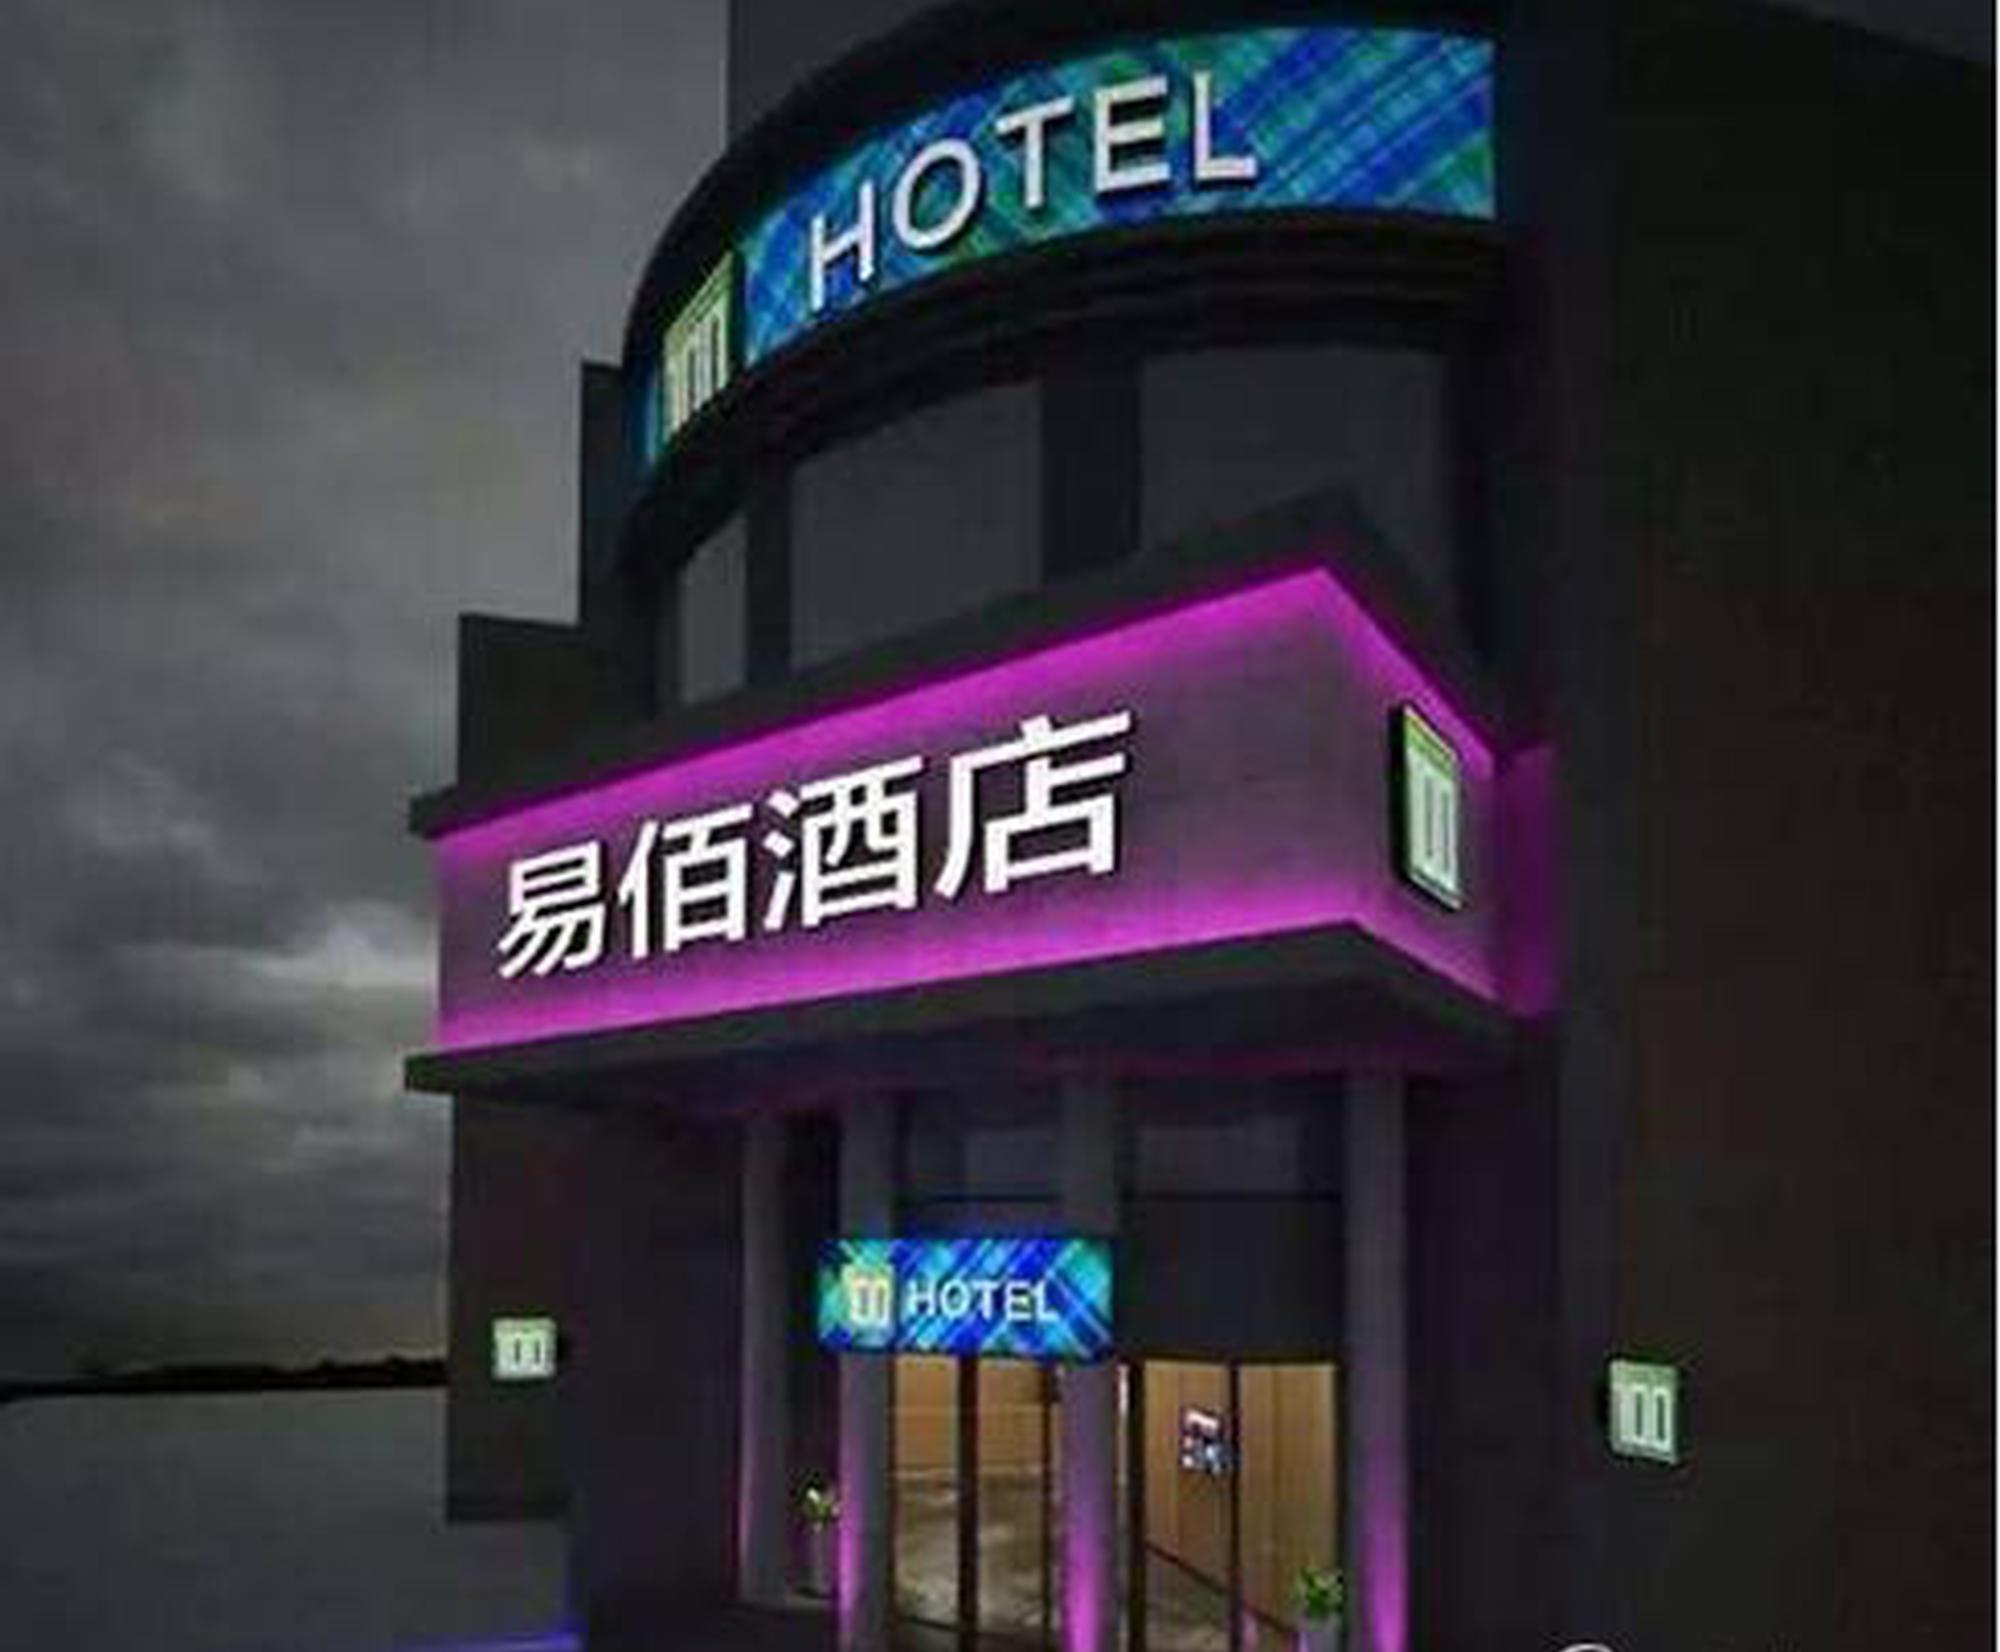 易佰酒店连续26个月稳居国内平价酒店品牌榜前三强